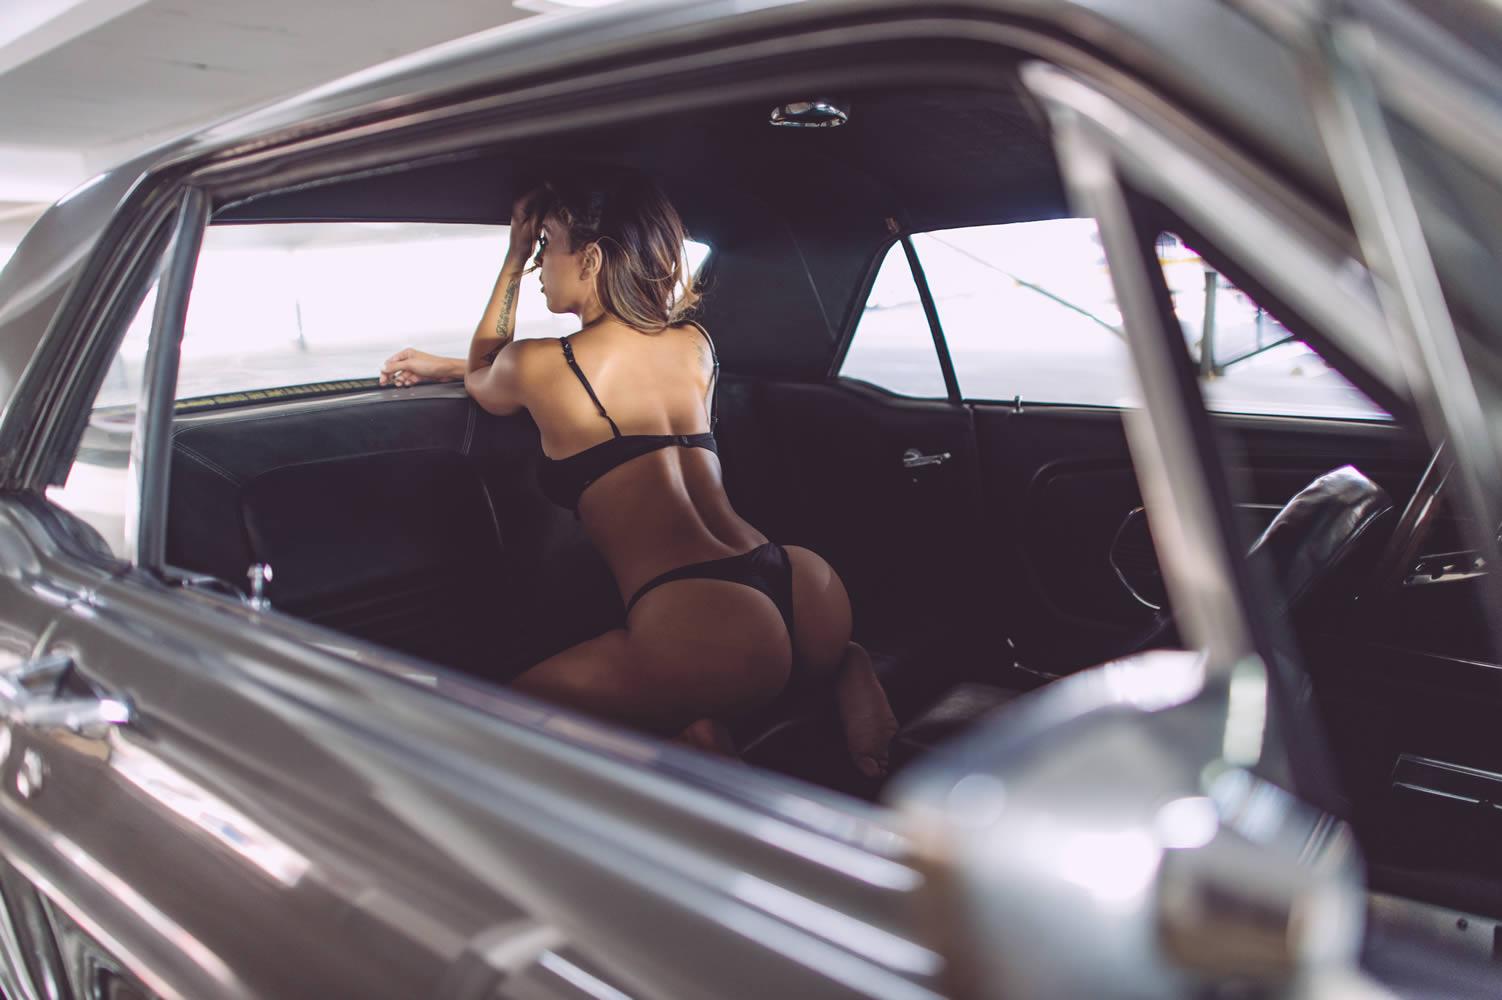 Фото секса в машинах, Секс в машине со шлюхой (26 фото) 12 фотография